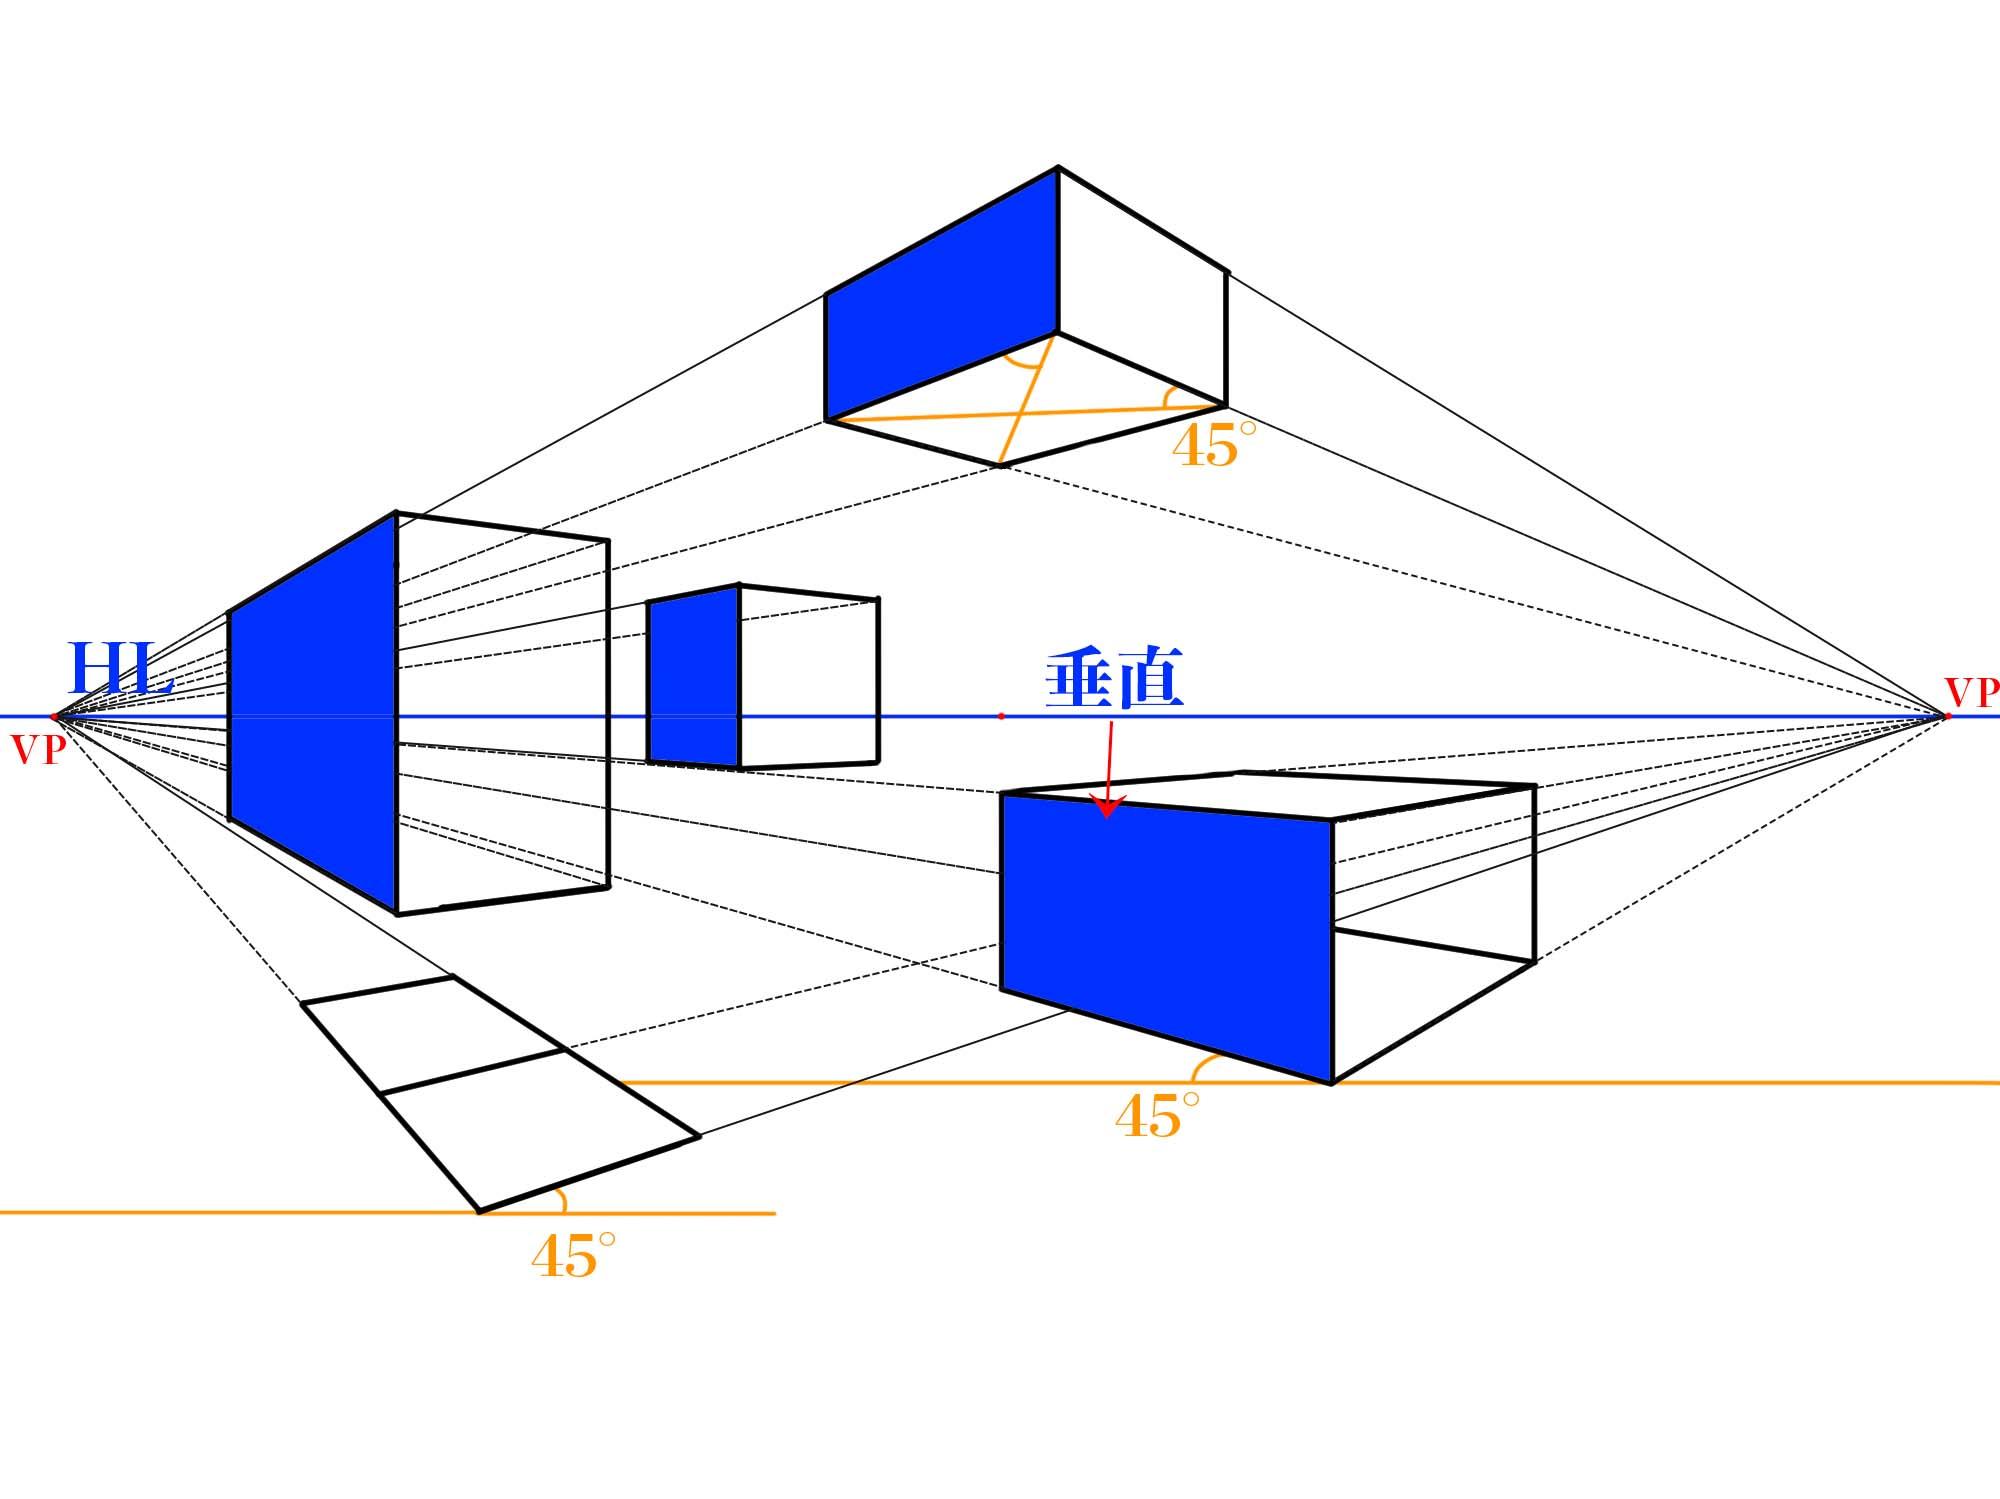 2点平行透視図特徴①